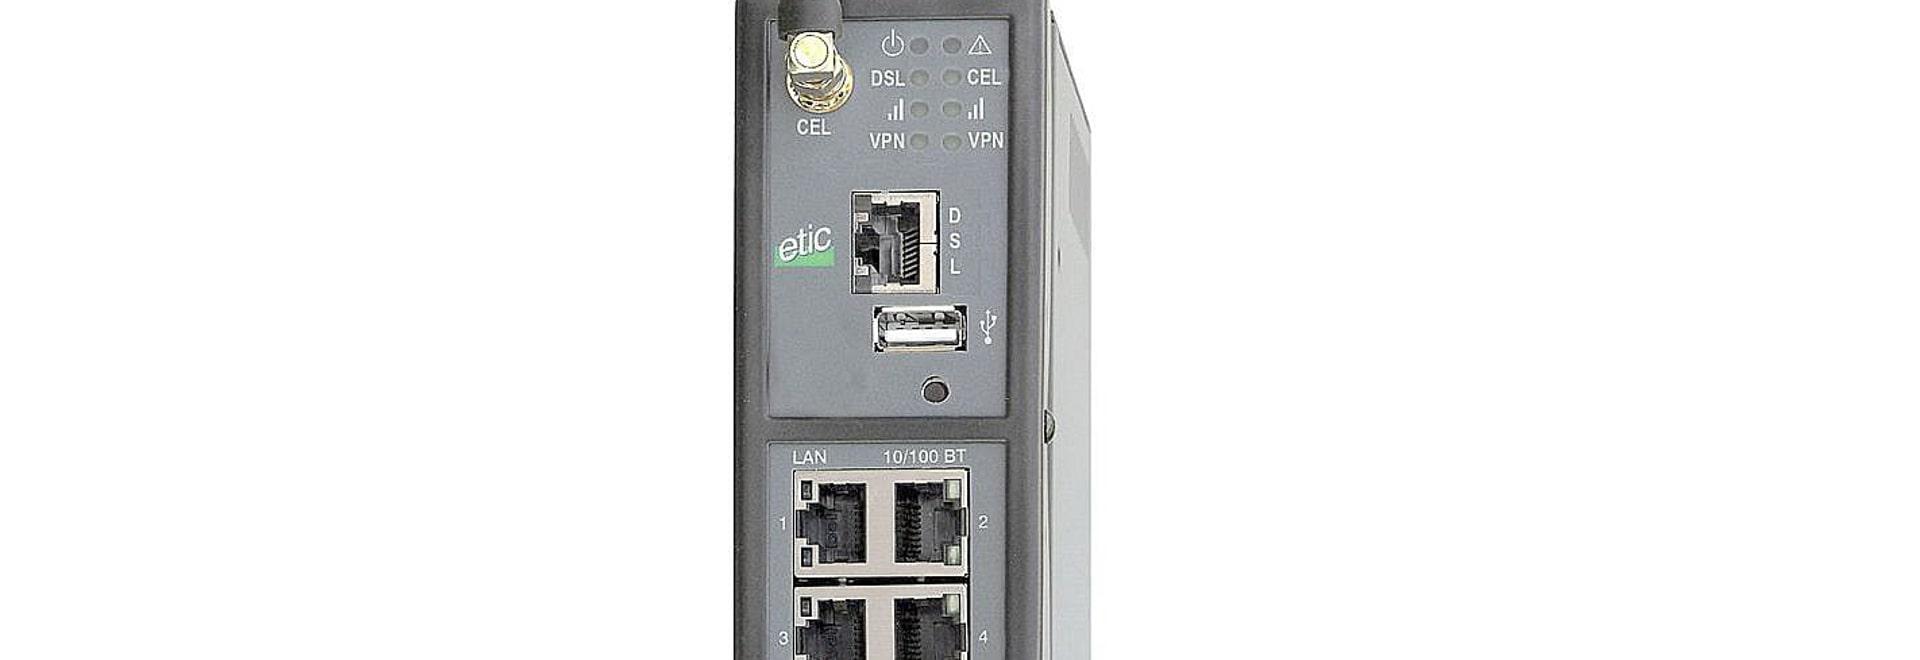 Routeur ADSL avec back up Cellulaire